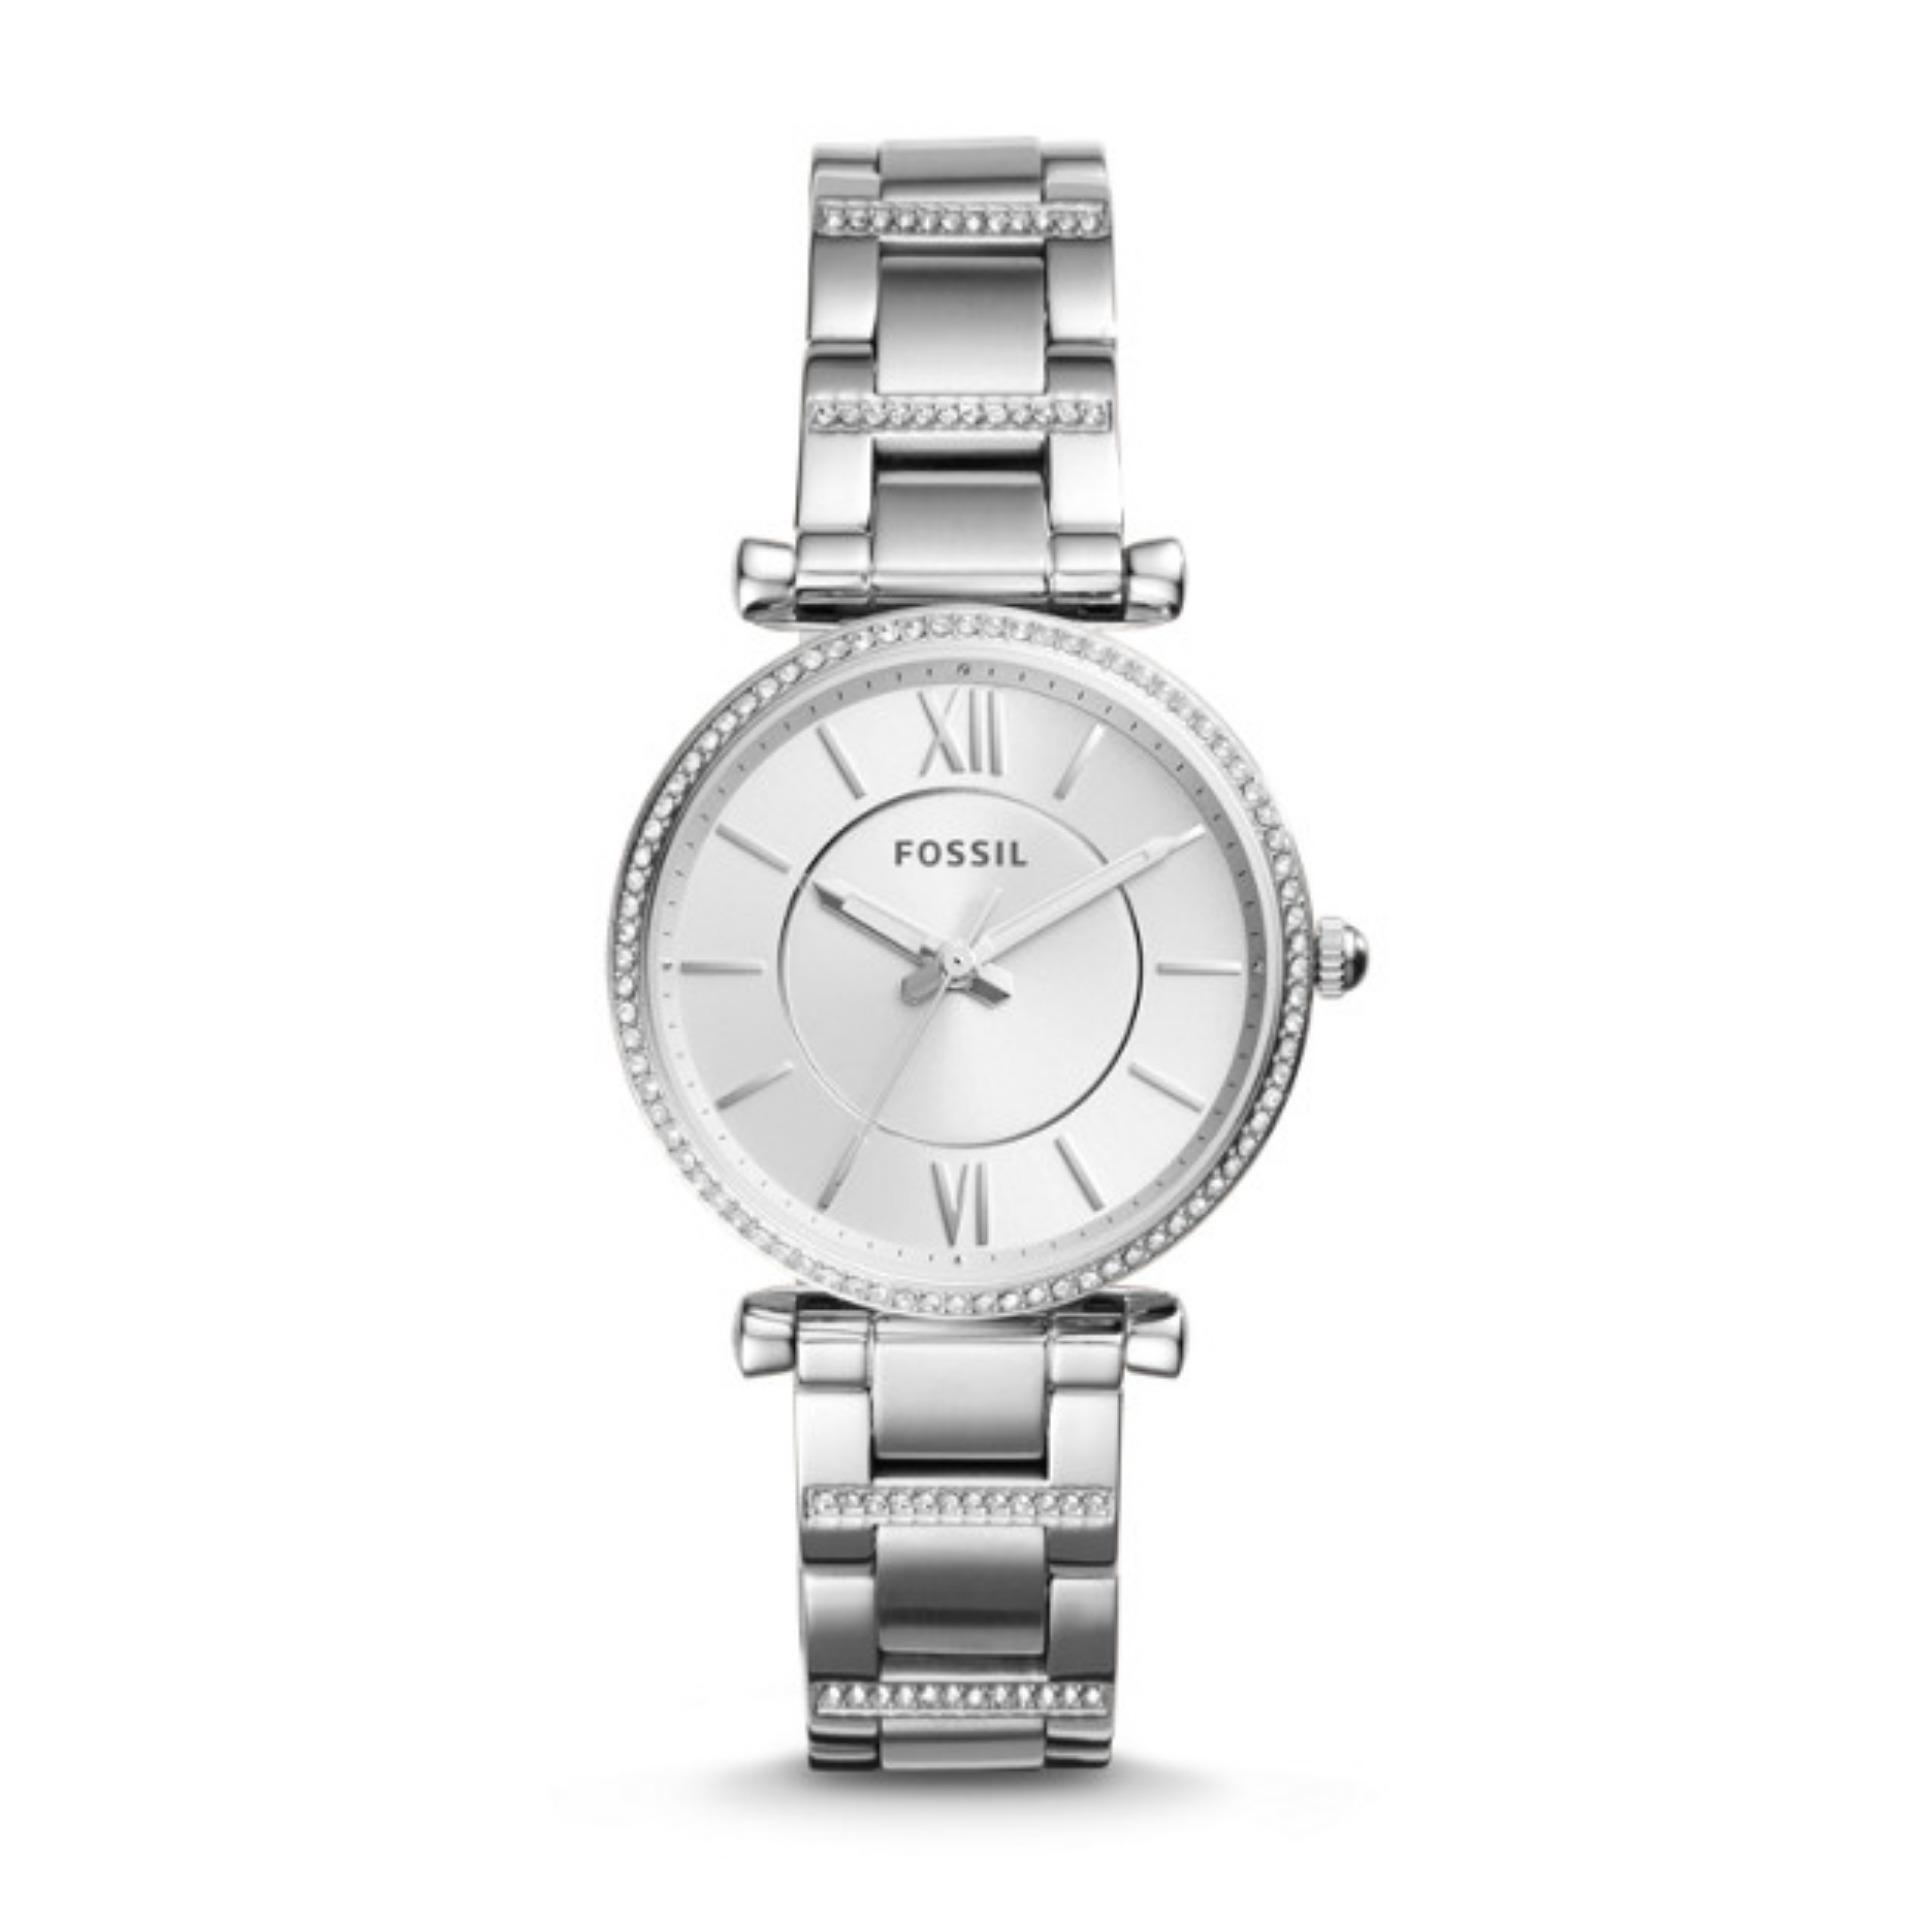 Fossil Es4036 Jam Tangan Wanita Stainless Steel Silver Daftar Es 4036 Original Es4341 Carlie Ladies Watch